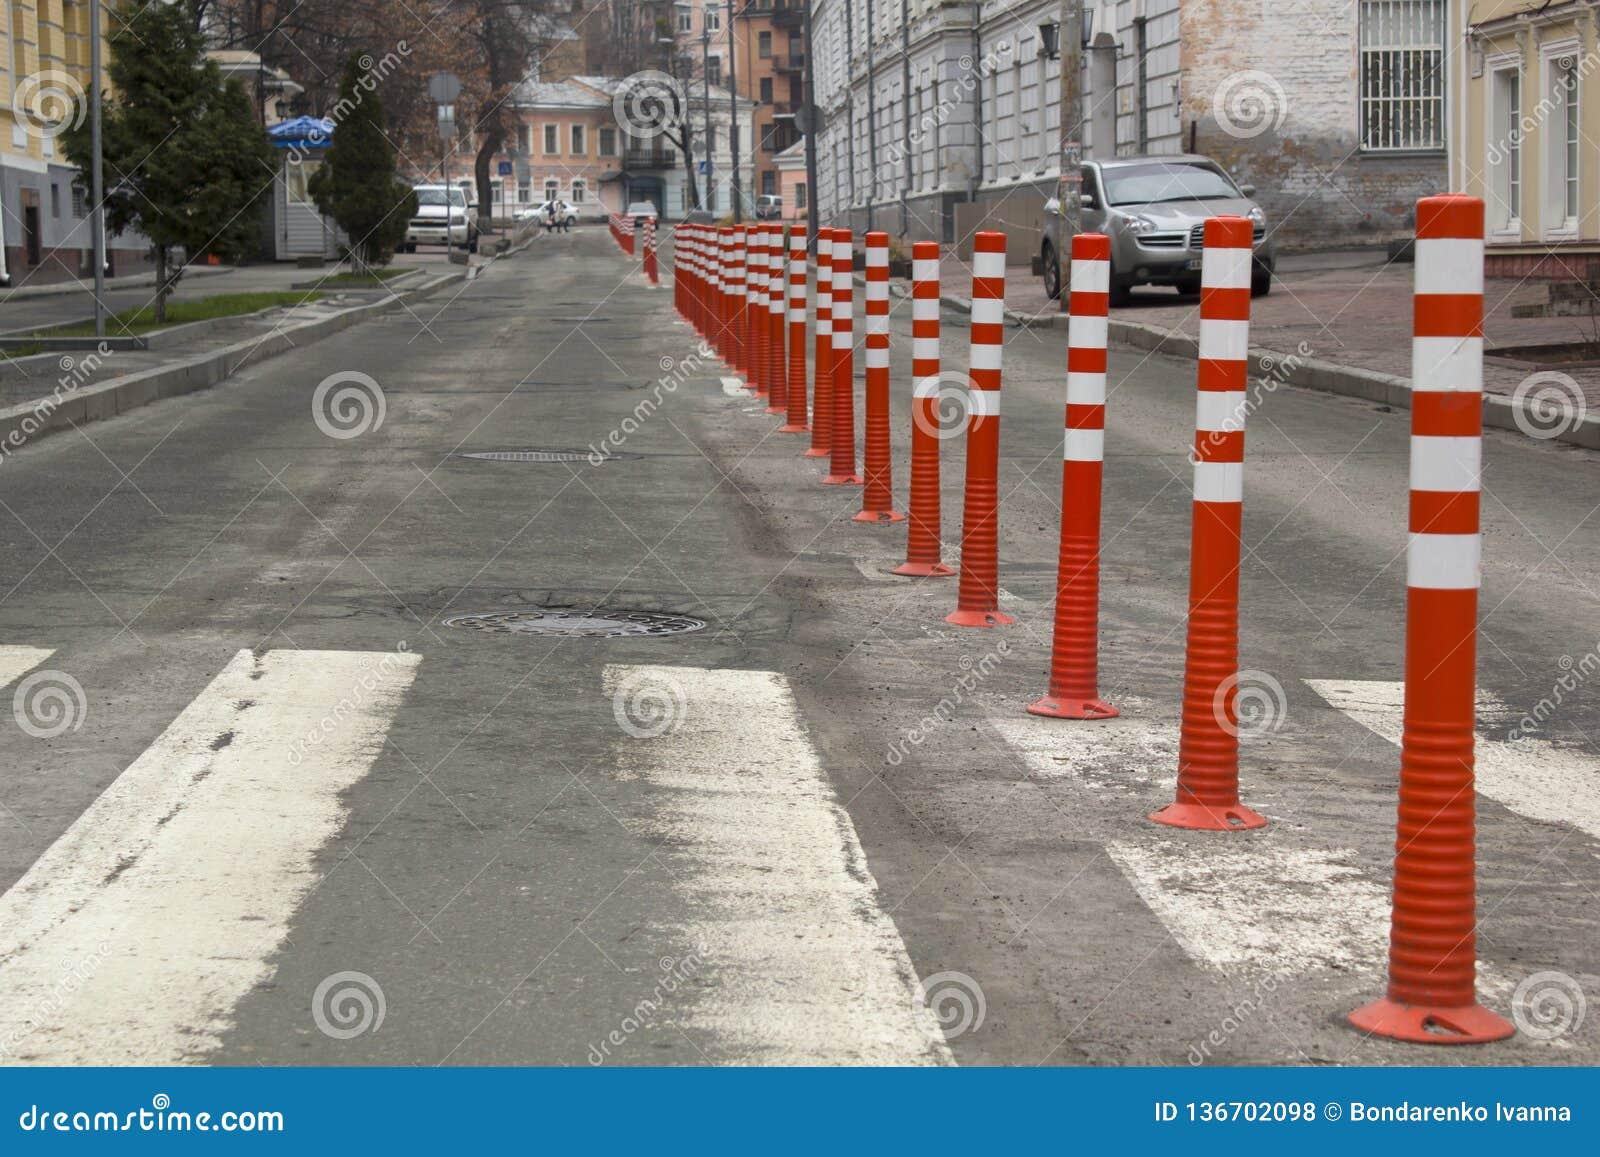 Οδικά πορτοκαλιά σημάδια σε μια εθνική οδό στην αναδημιουργία